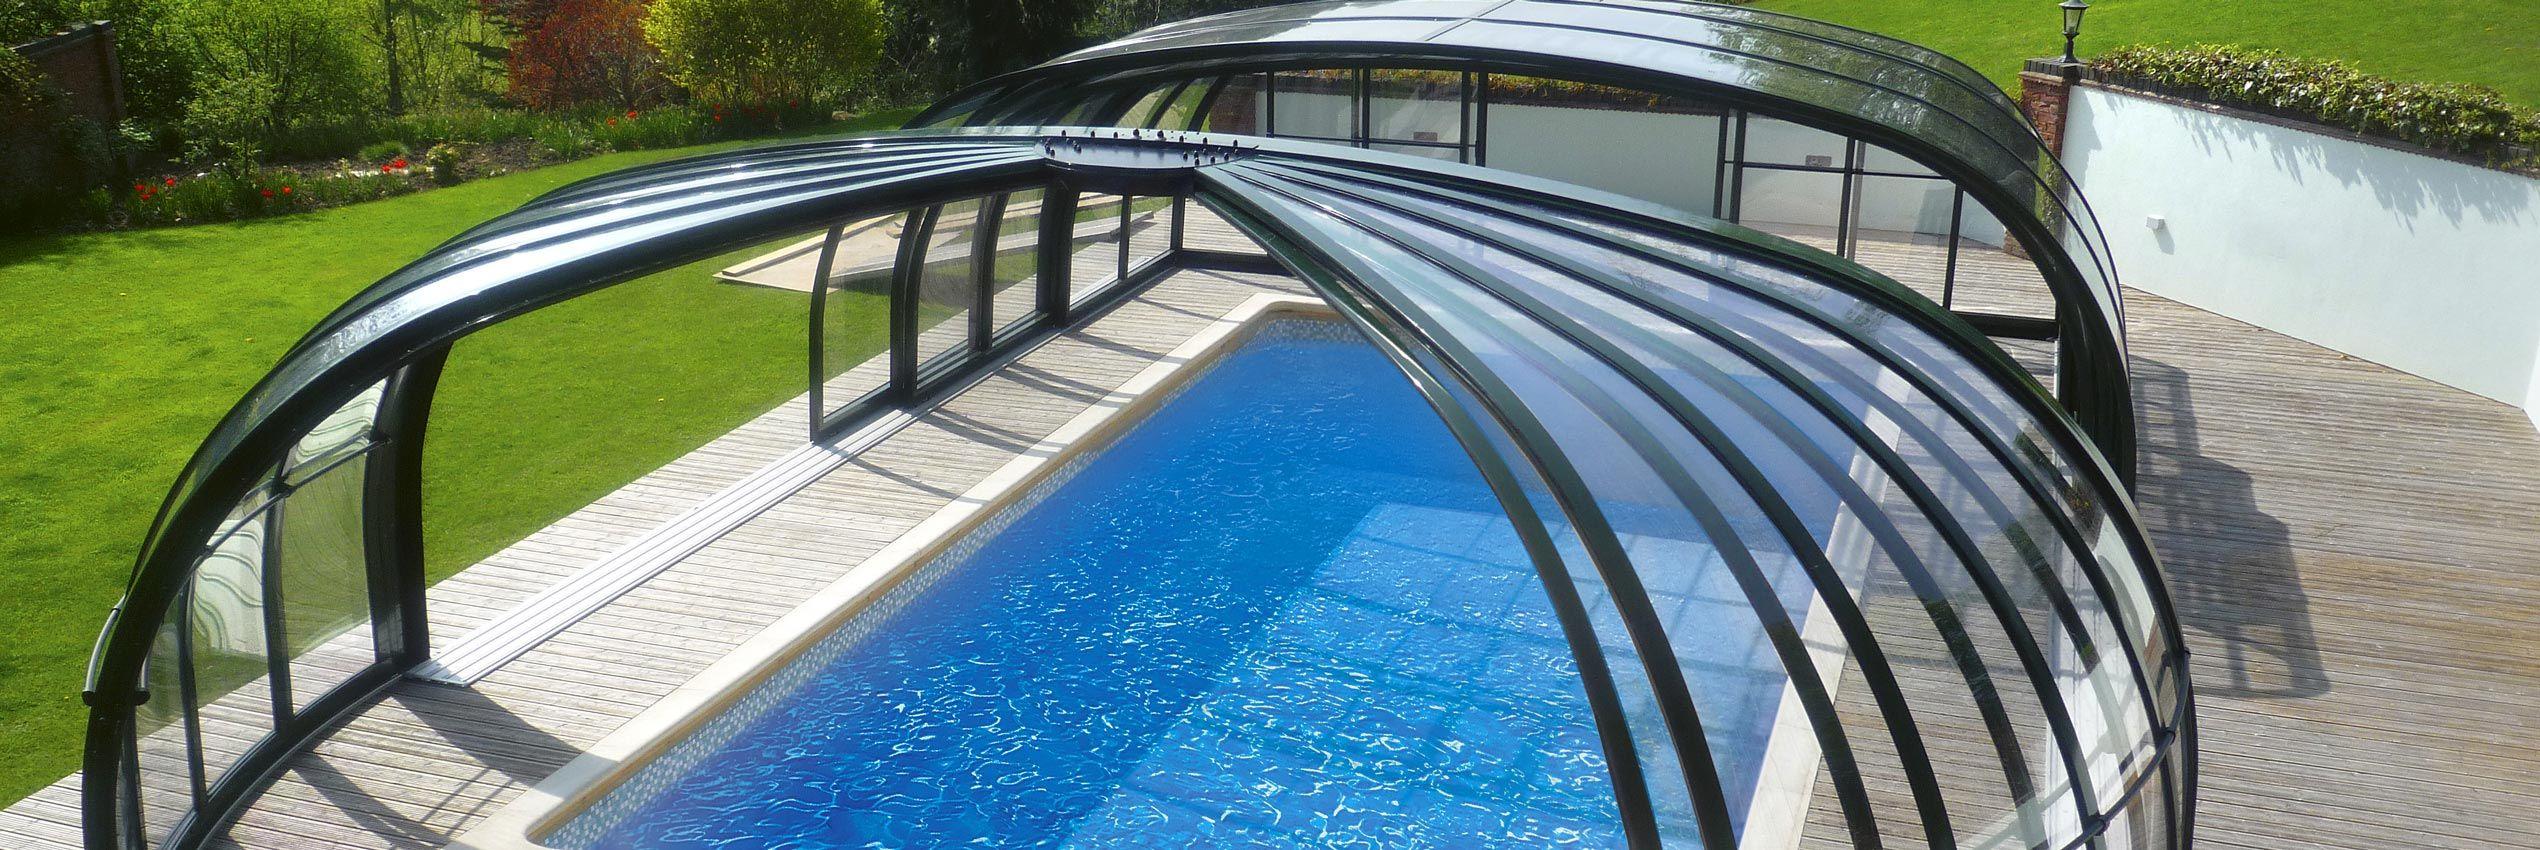 Pool Enclosure Olympic